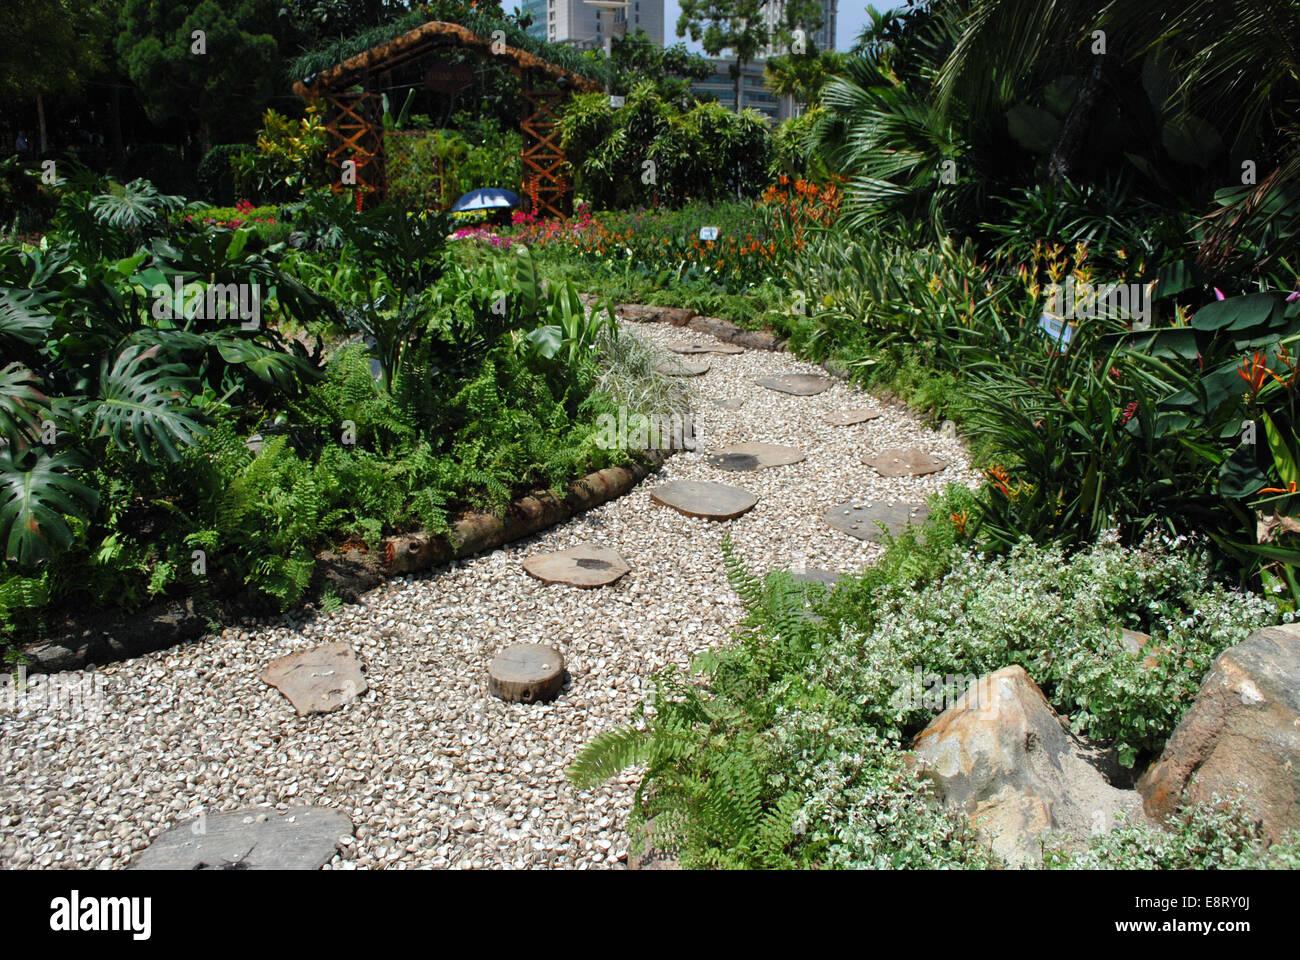 Hervorragend Angelegter Garten mit Schale Muscheln und Holz Bloks Fußweg NT03